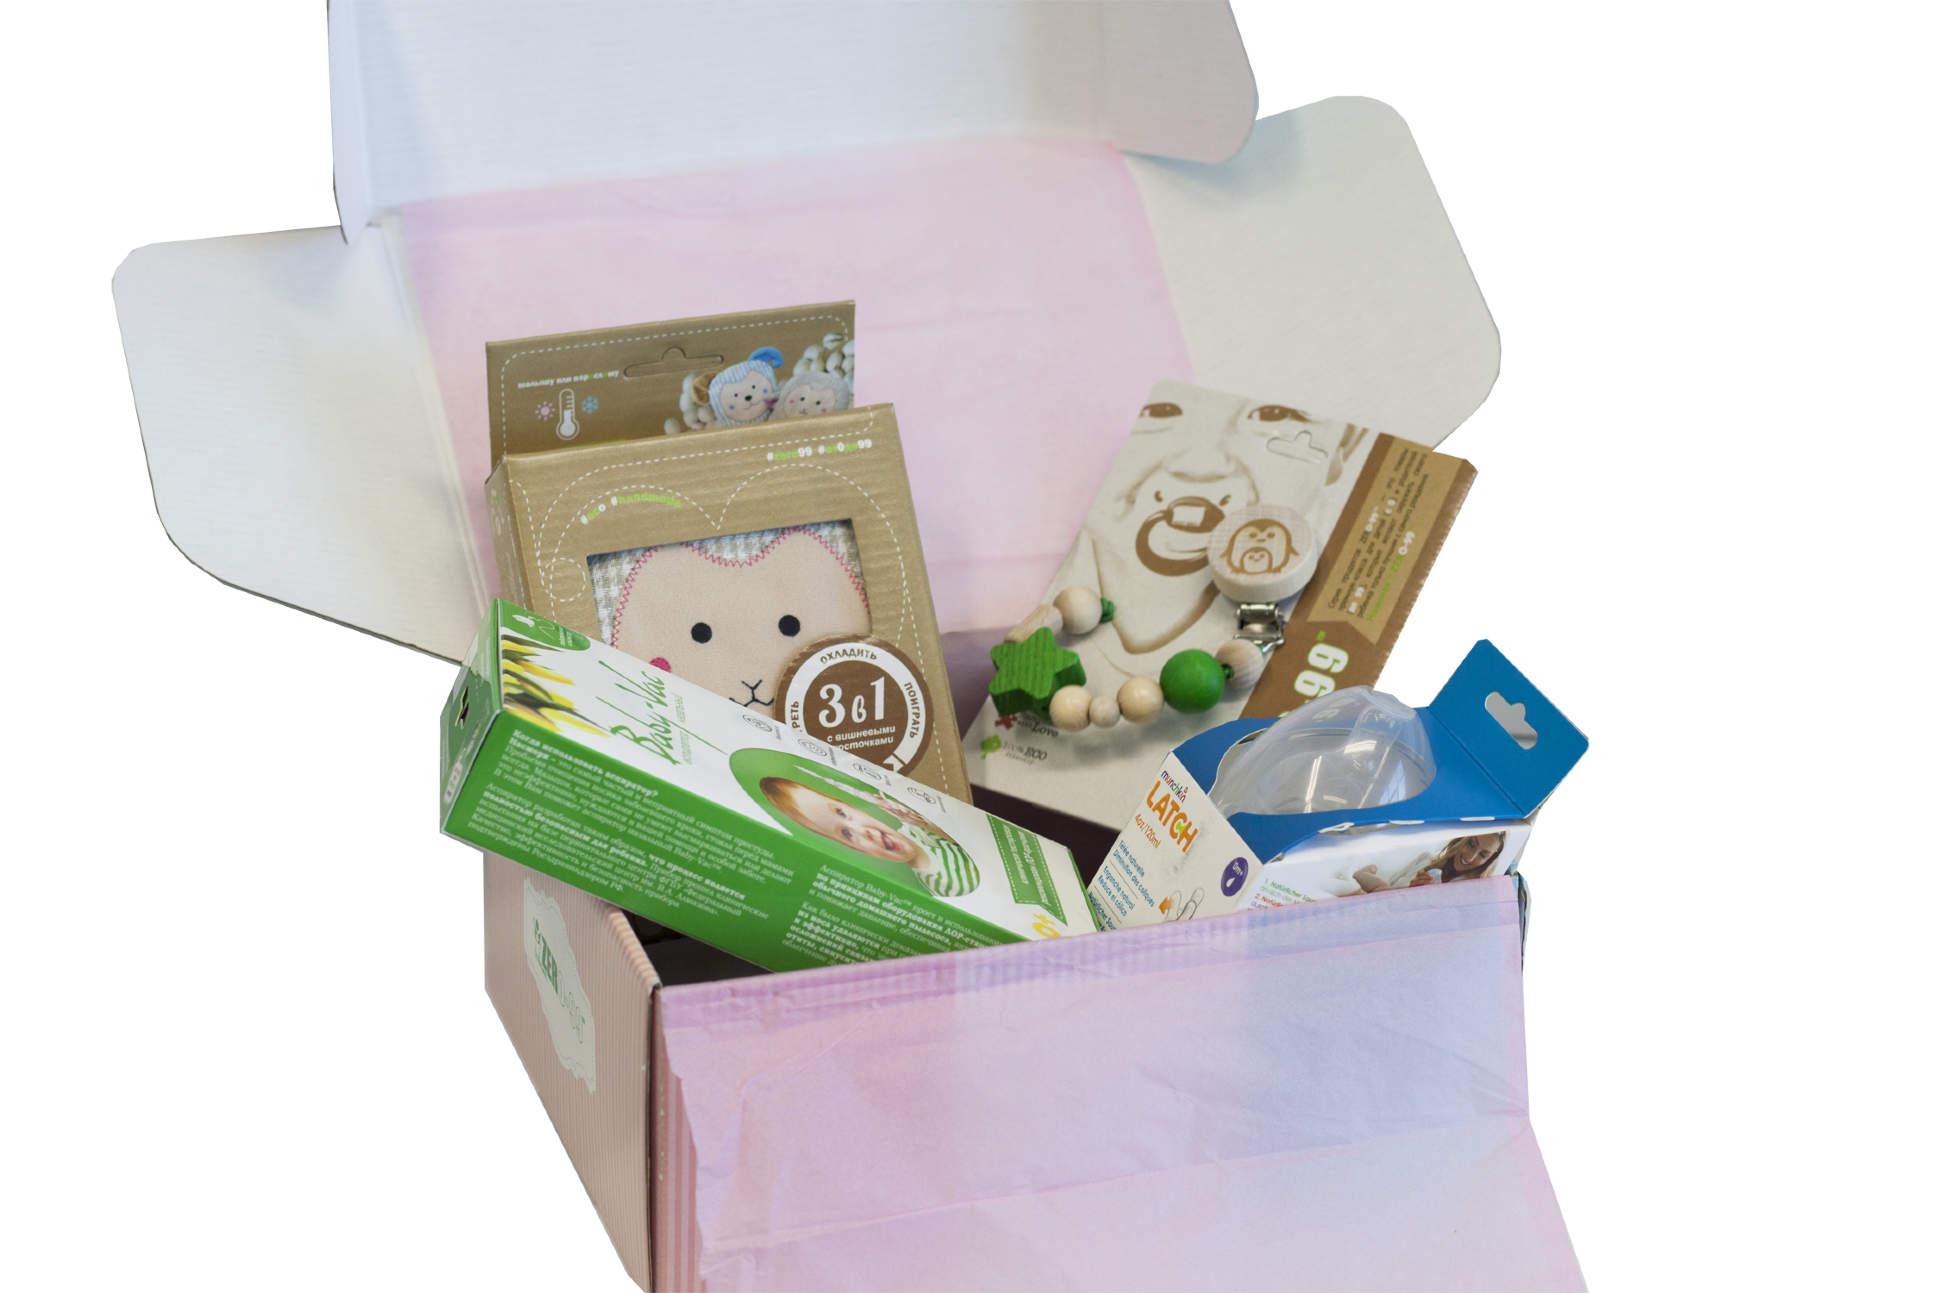 Купить Набор товаров для девочки от 0-3 лет Kids-Box Standart New, 19401-4, Baby-Vac, Аспираторы